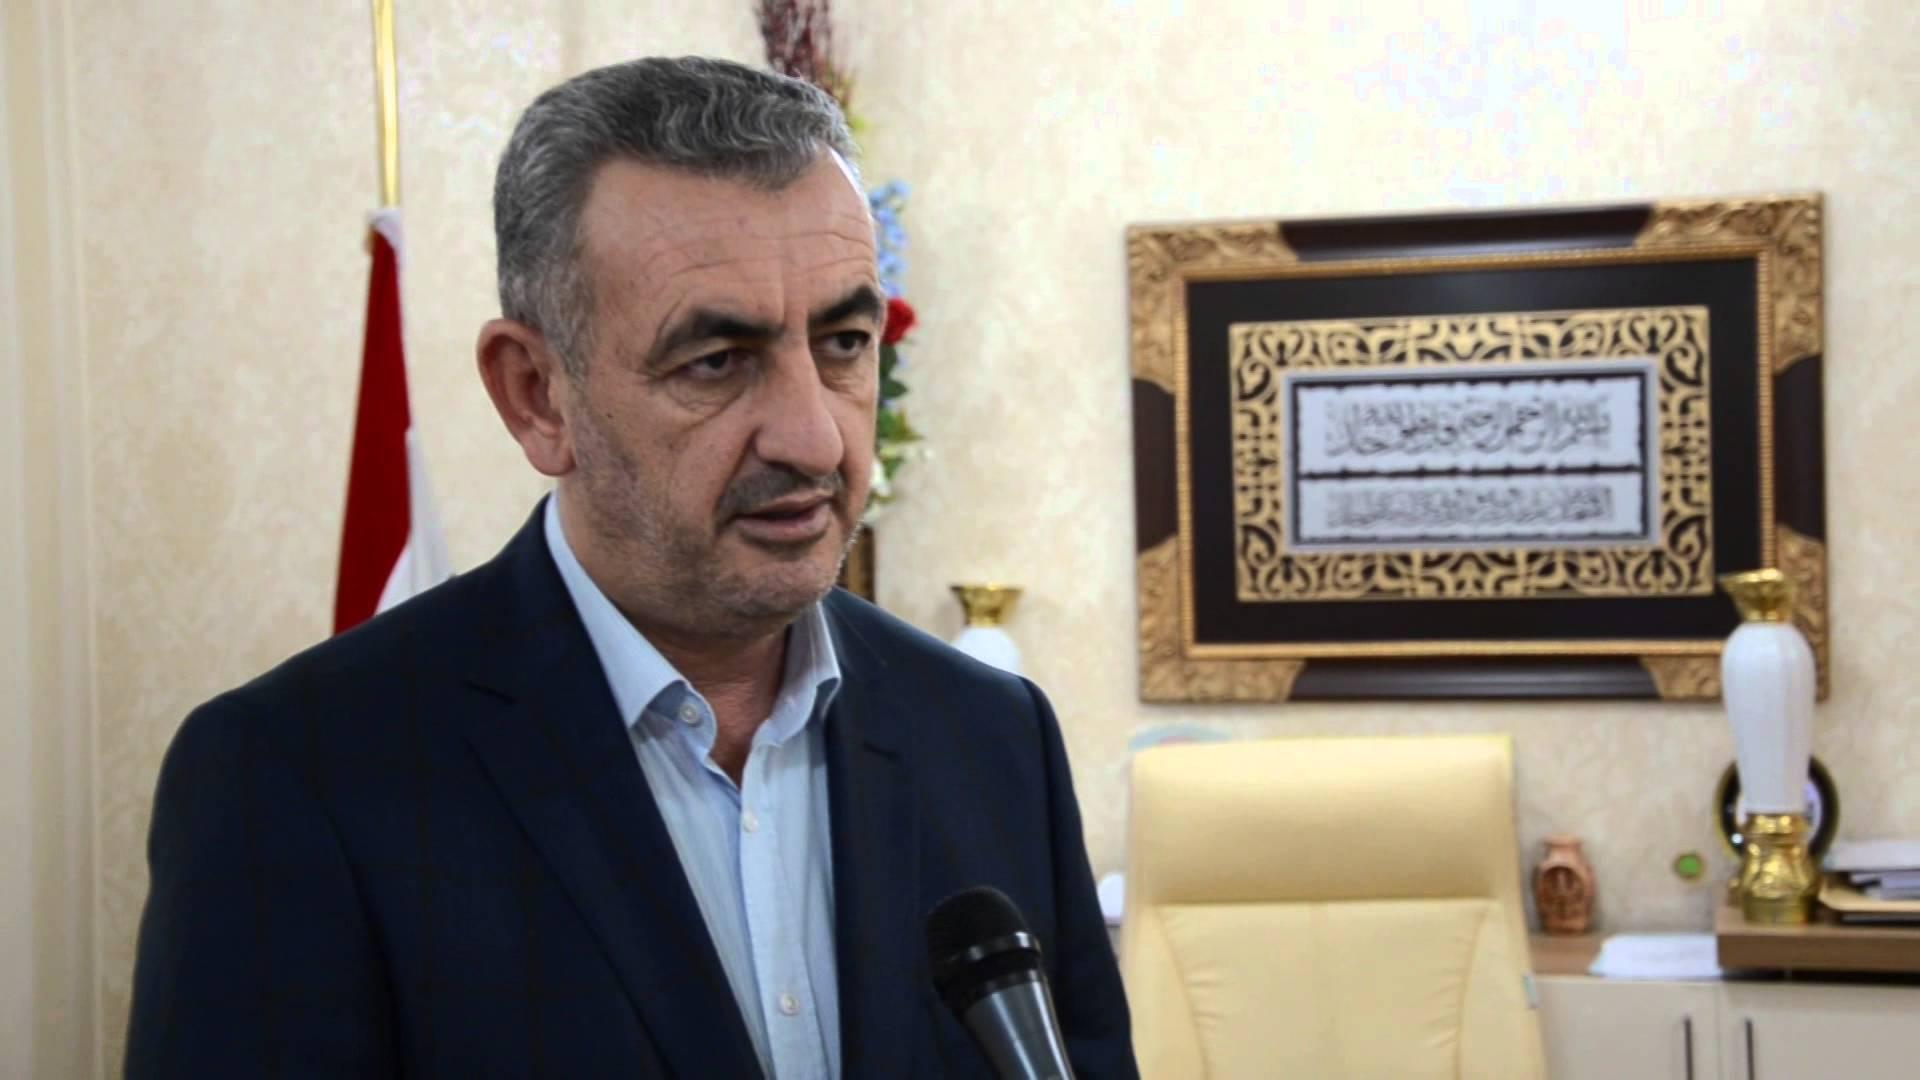 كرحوت: محافظ الانبار وقع على طلب استجوابه في نهاية الشهر الحالي